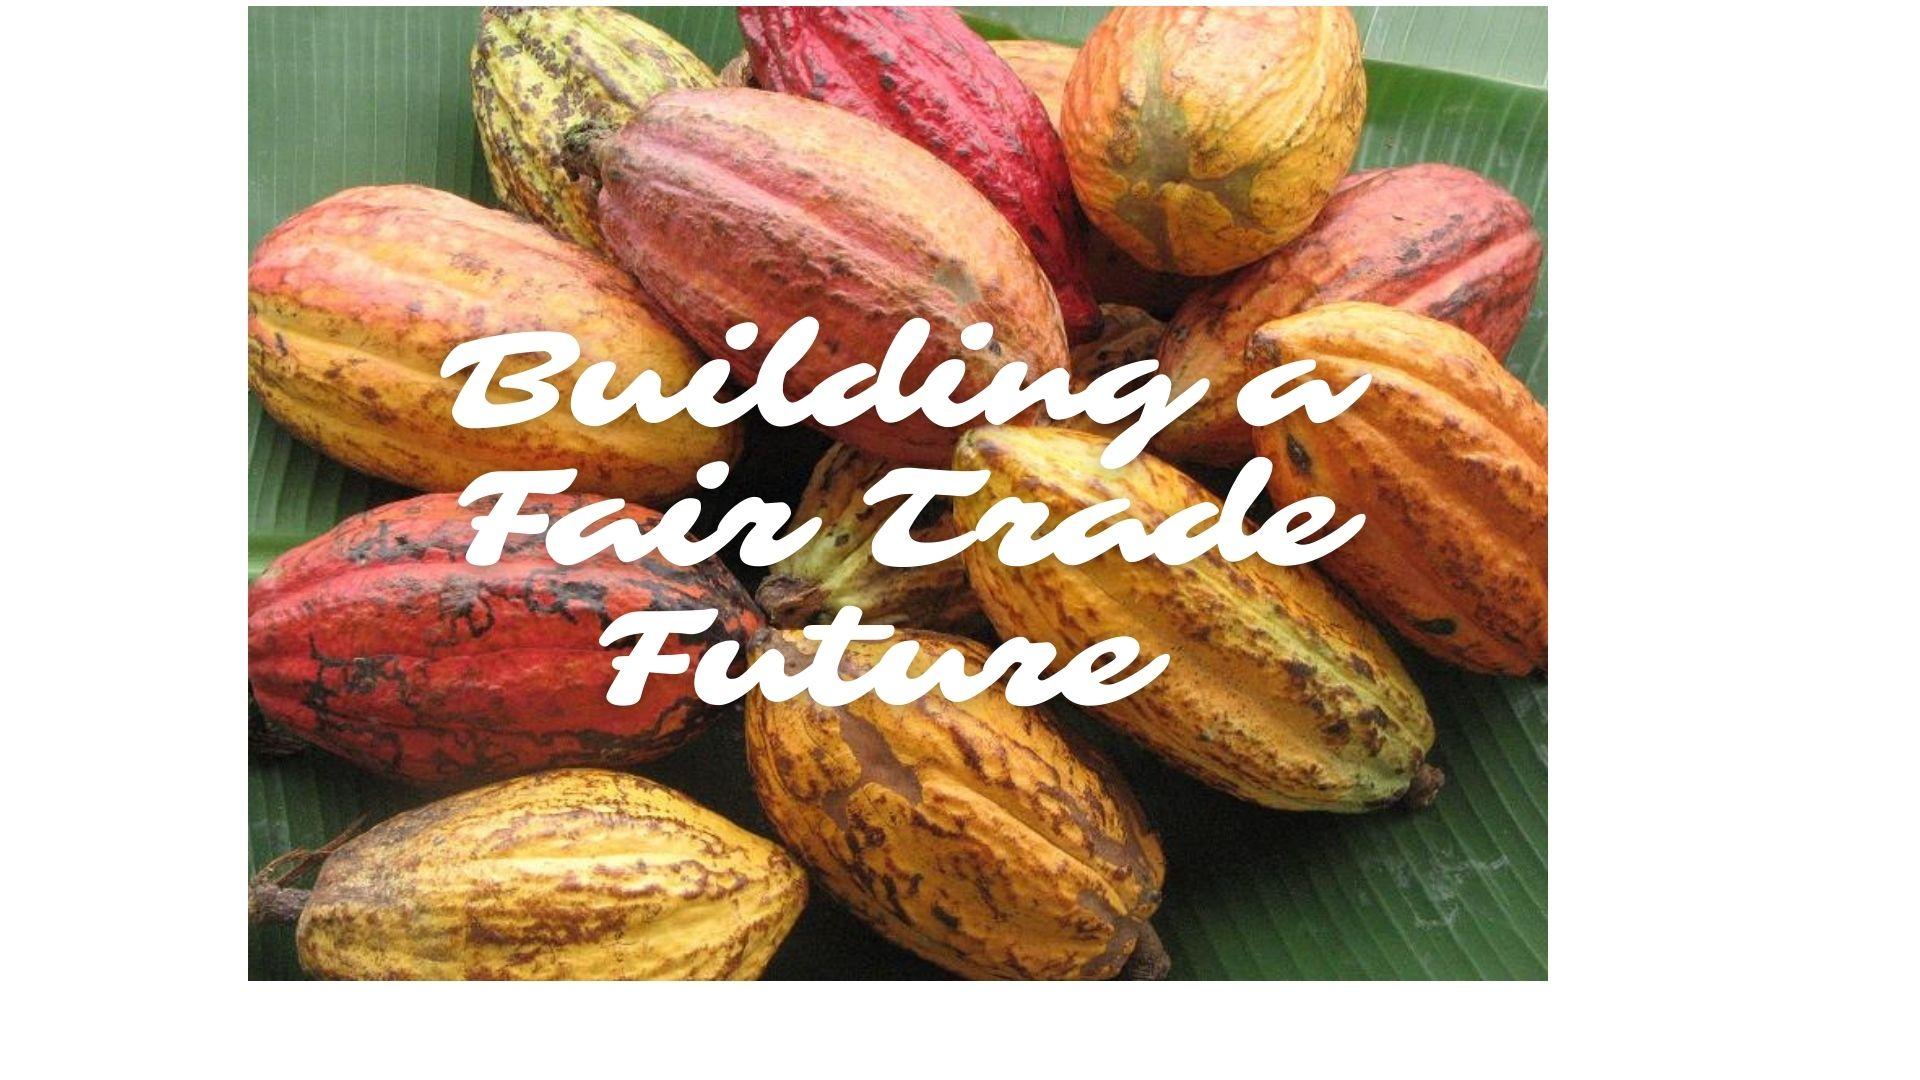 Build a Fair Trade Future